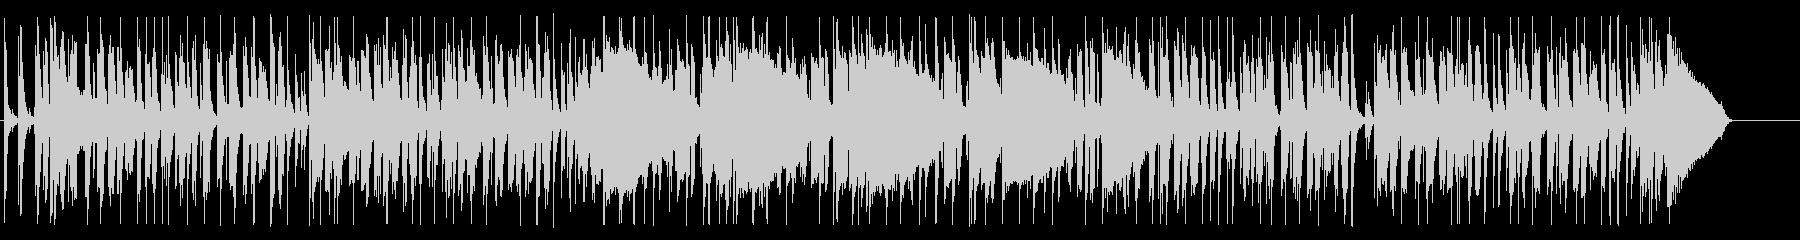 ドラムとベースのみ・ファンク系ビートの未再生の波形